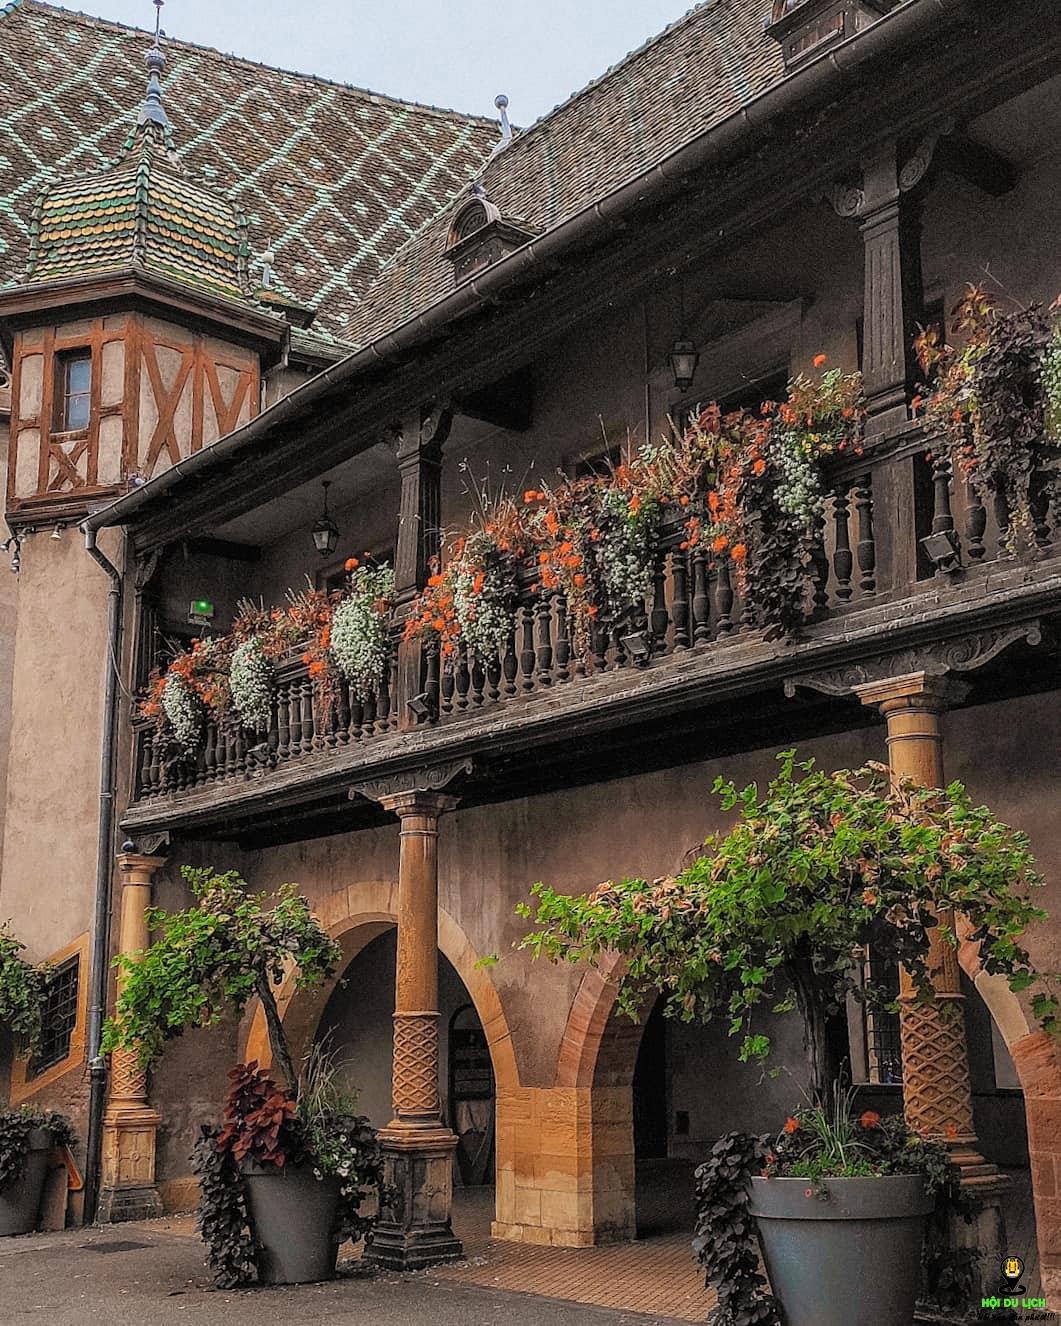 Kiến trúc ngôi làng Colmar - Pháp